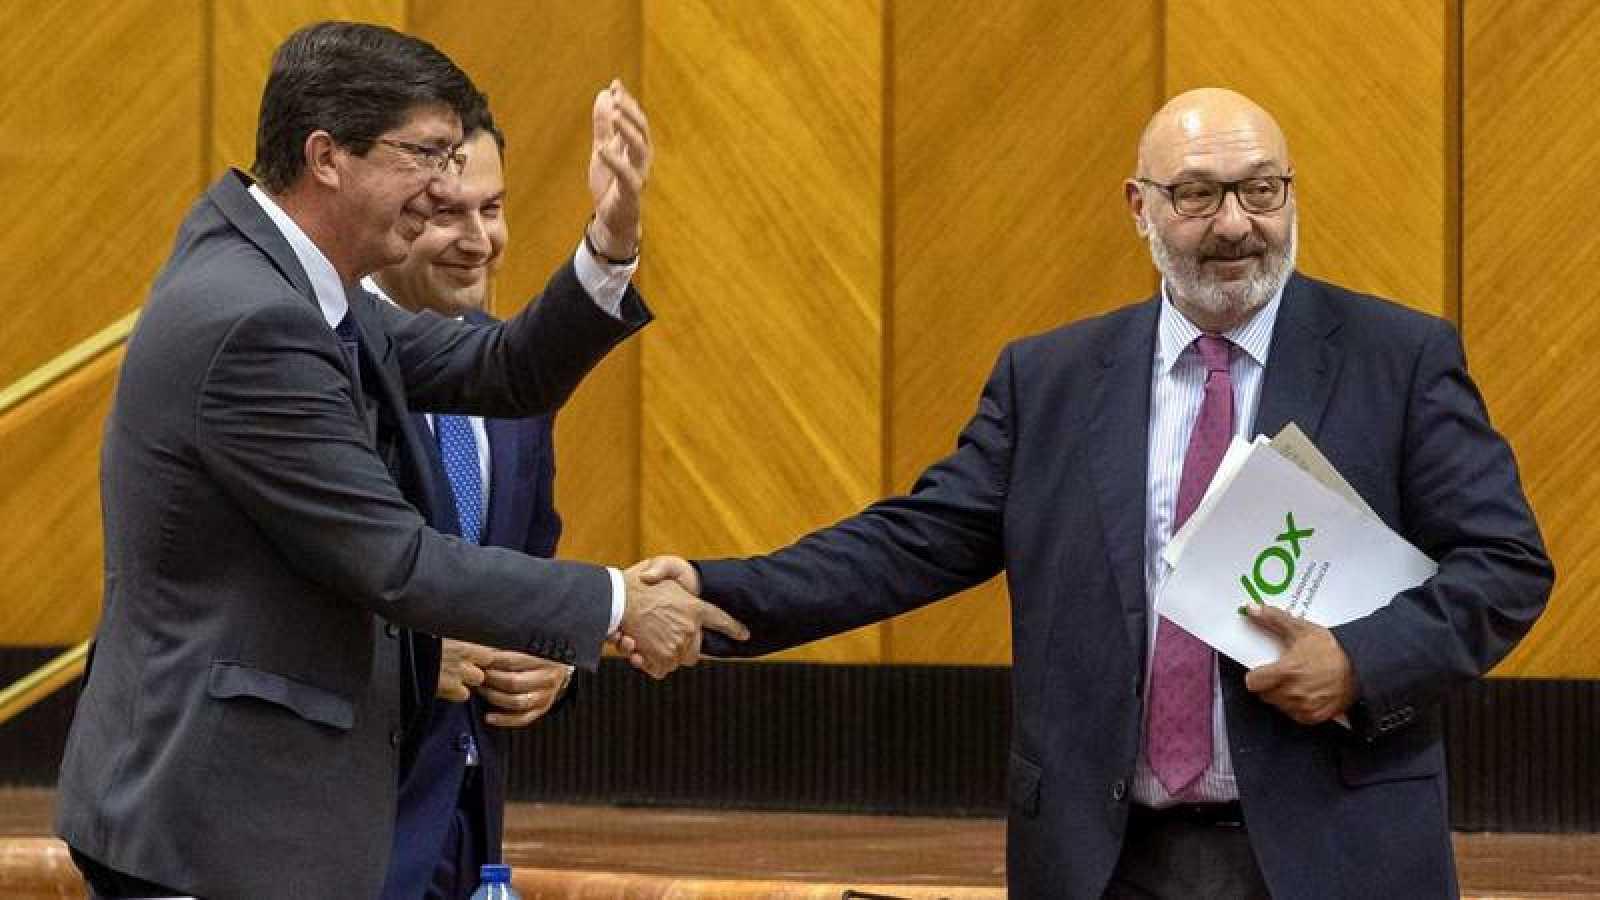 El vicepresidente de la Junta, Juan Marín (i), de Ciudadanos, hace un gesto a la bancada socialista mientras el presidente andaluz, Juanma Moreno y el portavoz de Vox, Alejandro Hernández (d), se dan la mano en el Parlamento de Andalucía